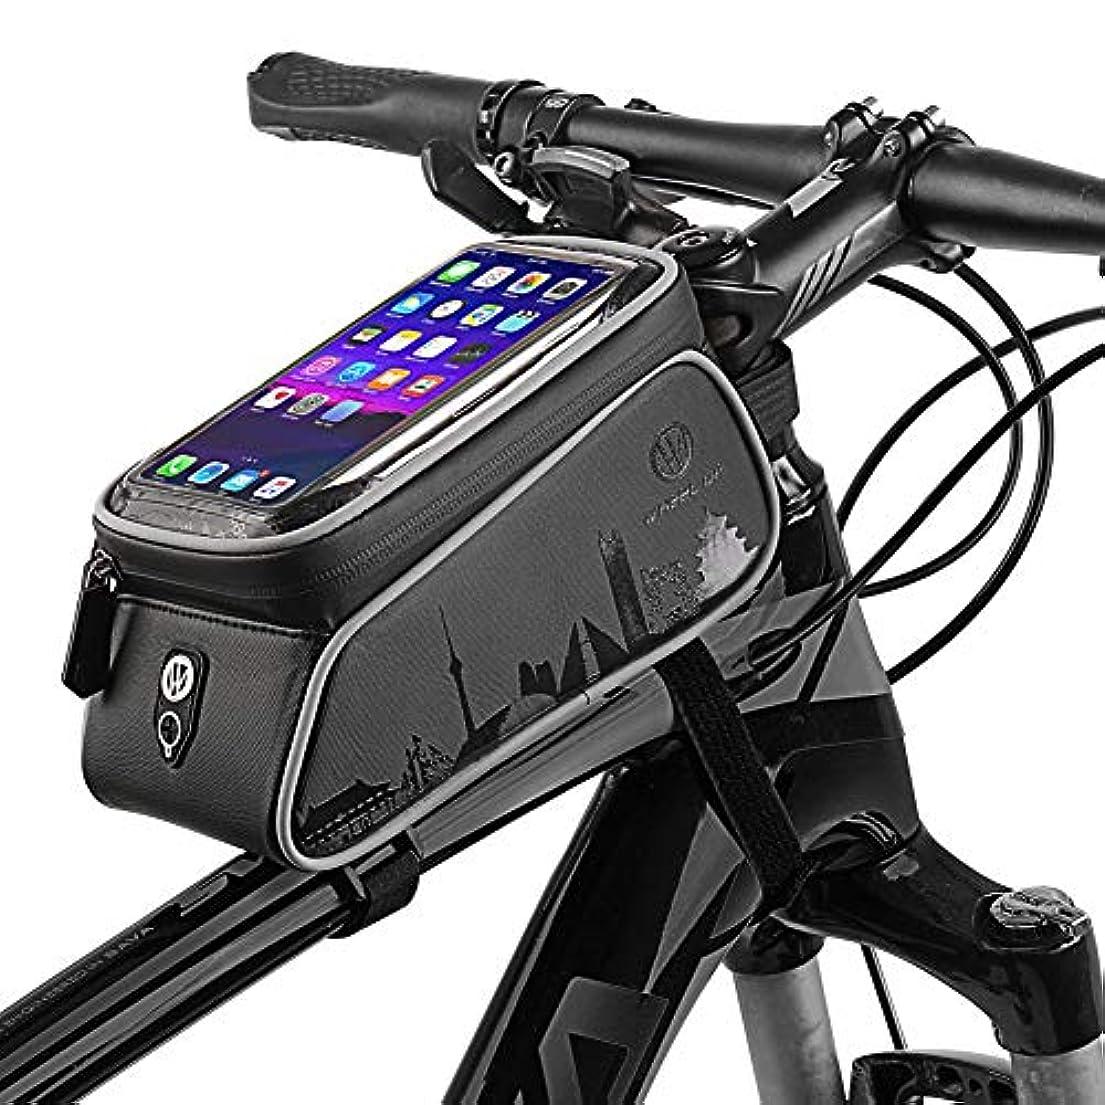 スリラー家主選出する自転車フレームバッグ、サイクリングフレームパニエ携帯電話ホルダー、防水サイクリングフロントチューブフレームパニエマウンテンMTBシティーロード自転車クロスバーバッグポーチホルダー スマートフォン用